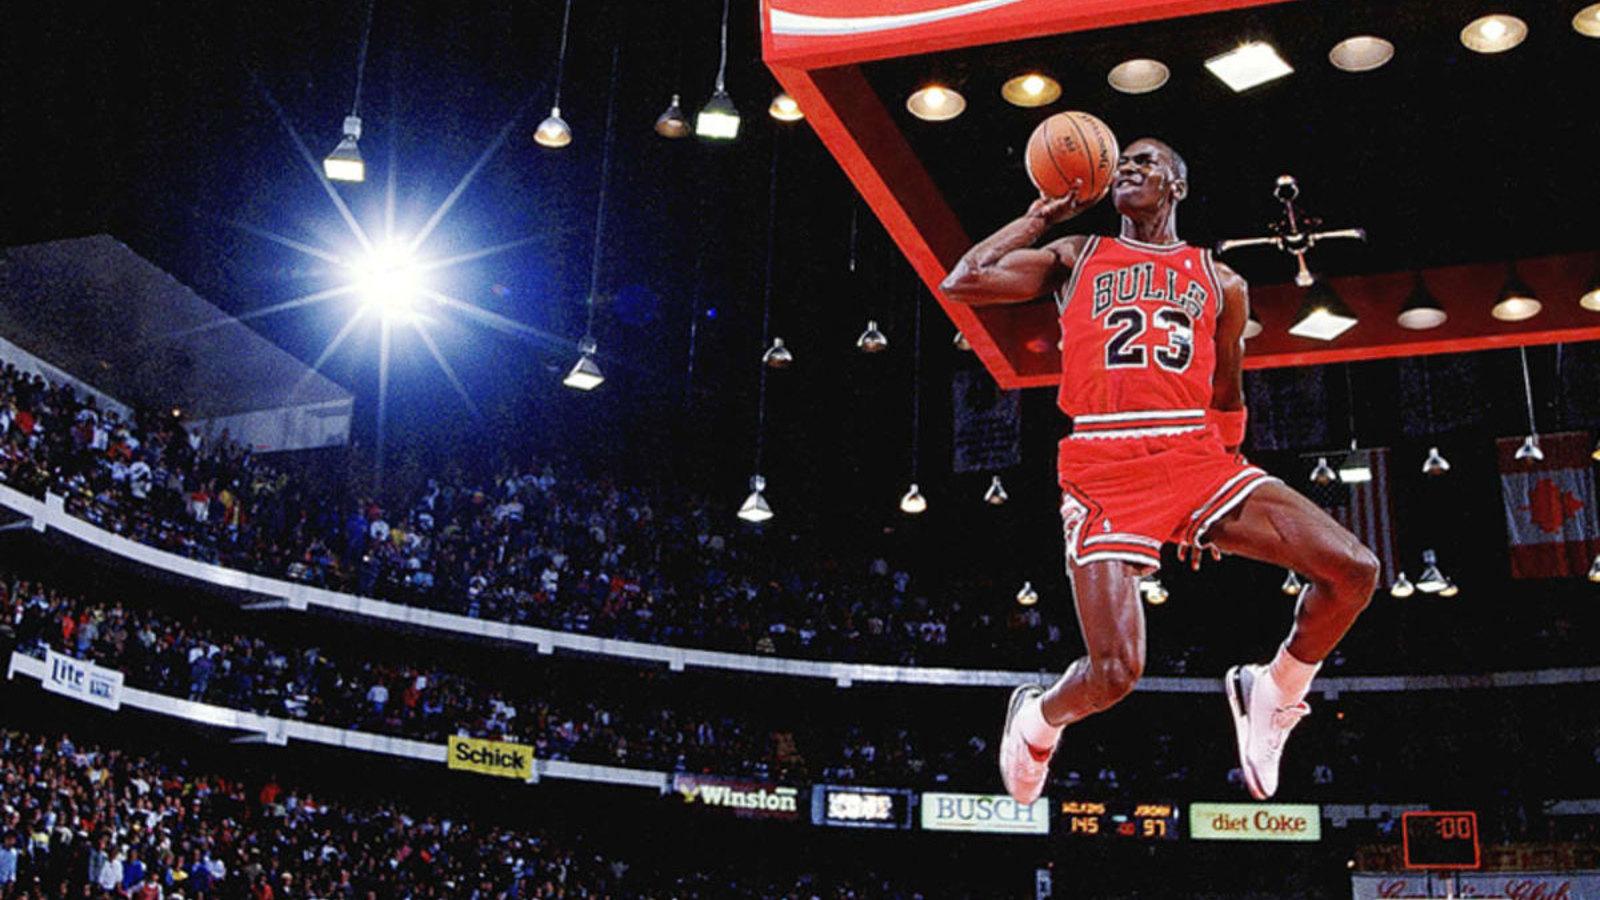 M. Jordano sportbačiai aukcione parduoti už beveik 1,5 mln. dolerių